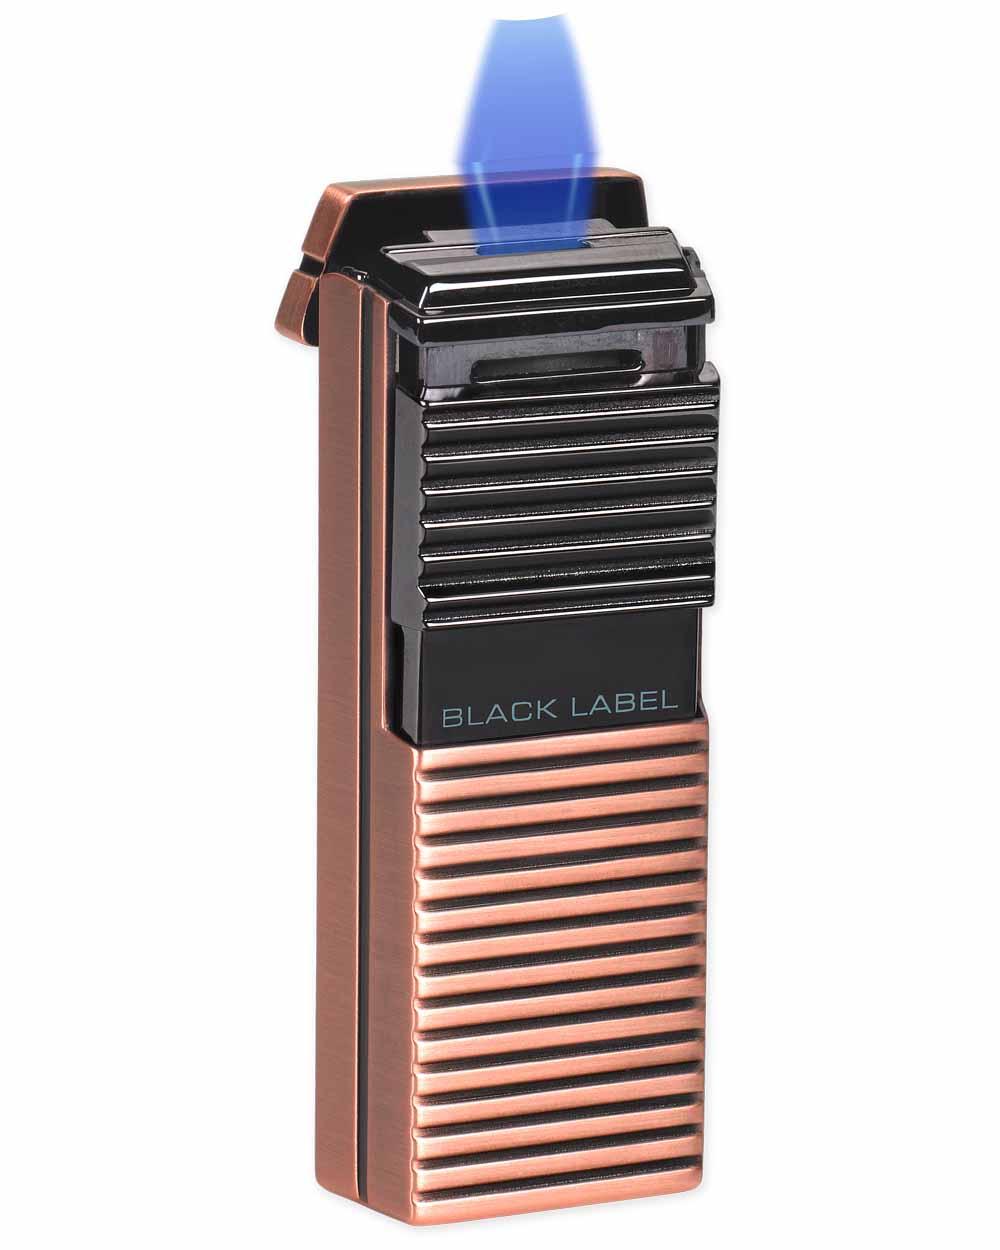 Black Label El Presidente Flat Flame Lighter